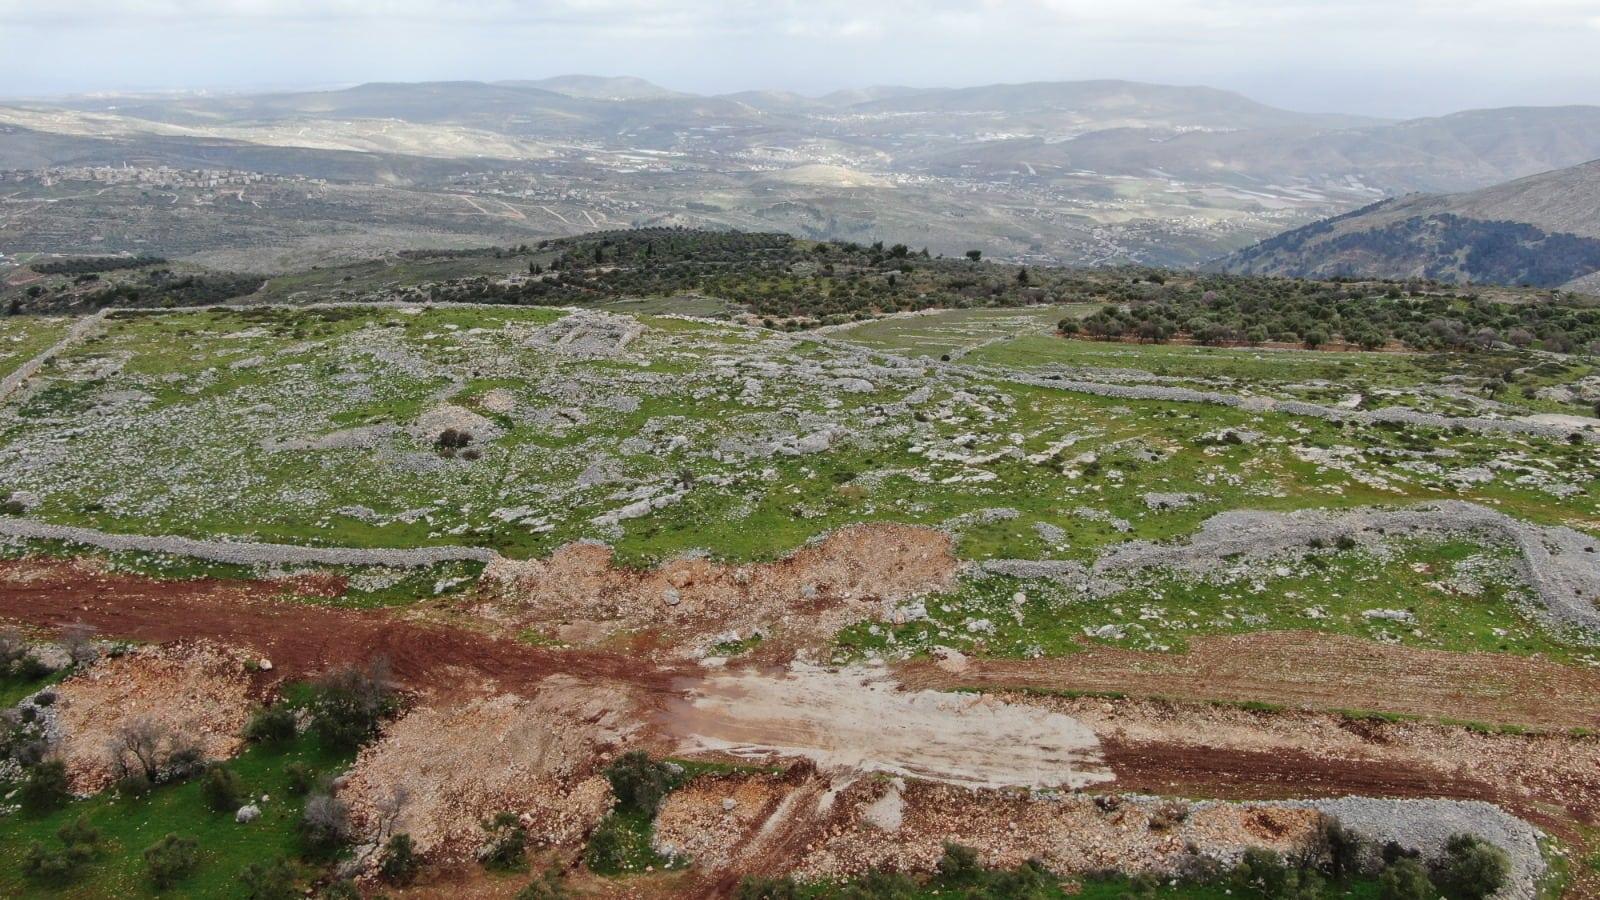 """קטע הרוס של חומת האבן הנמוכה מתקופת הברזל המוקדמת באתר הארכיאולוגי בהר עיבל, 10 בפברואר 2021 (צילום: באדיבות """"שומרים על הנצח"""")"""